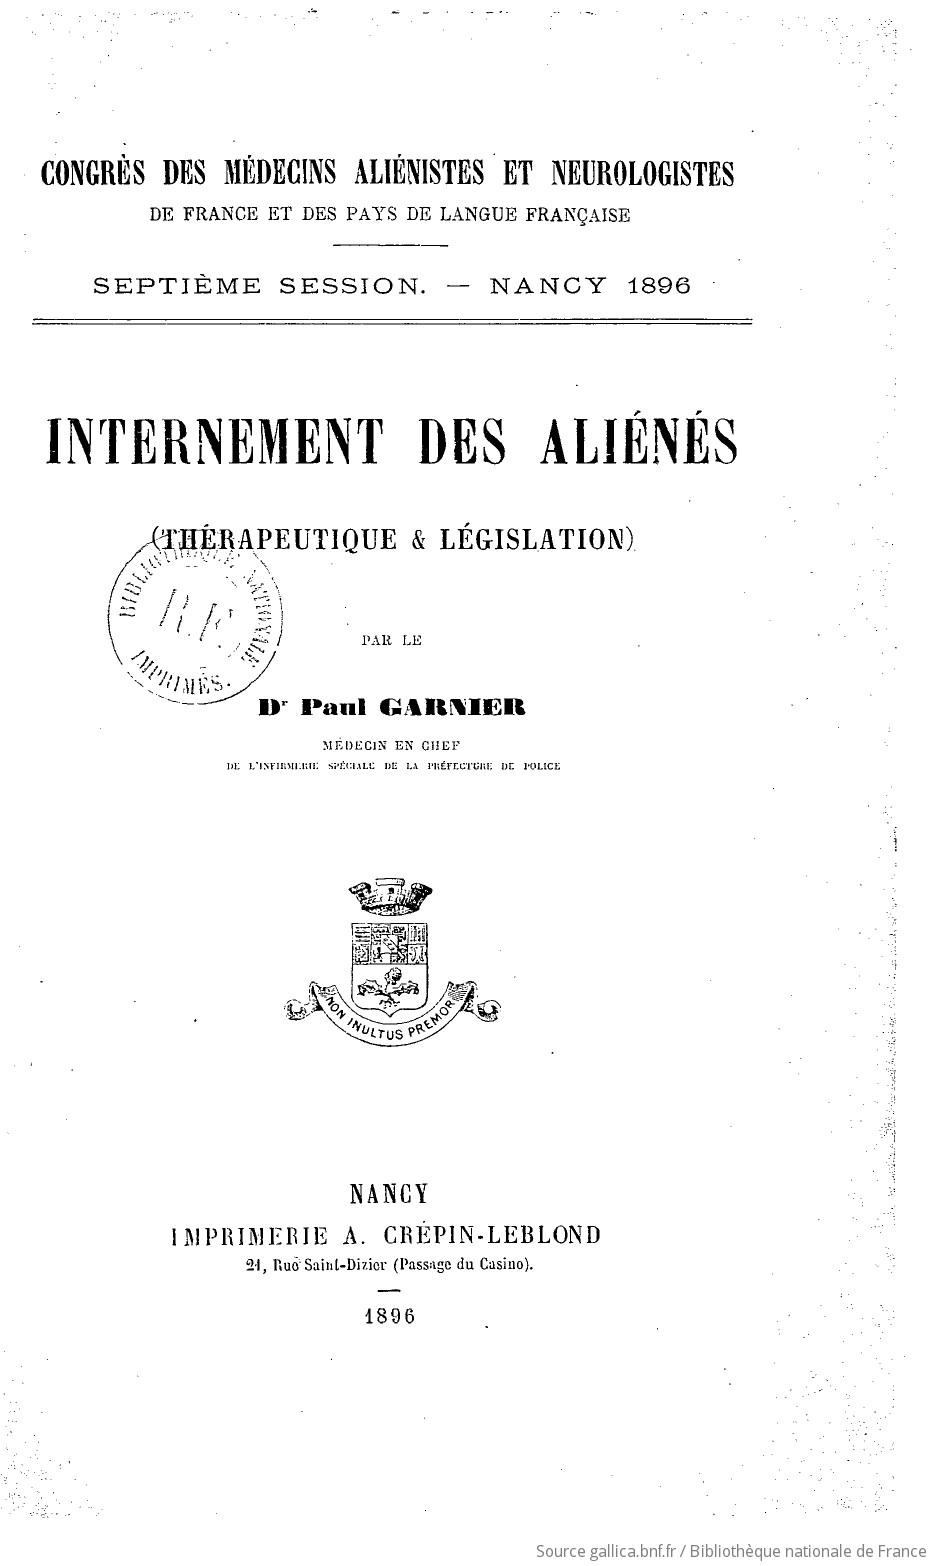 http://gallica.bnf.fr/ark:/12148/bpt6k5730991f/f4.highres